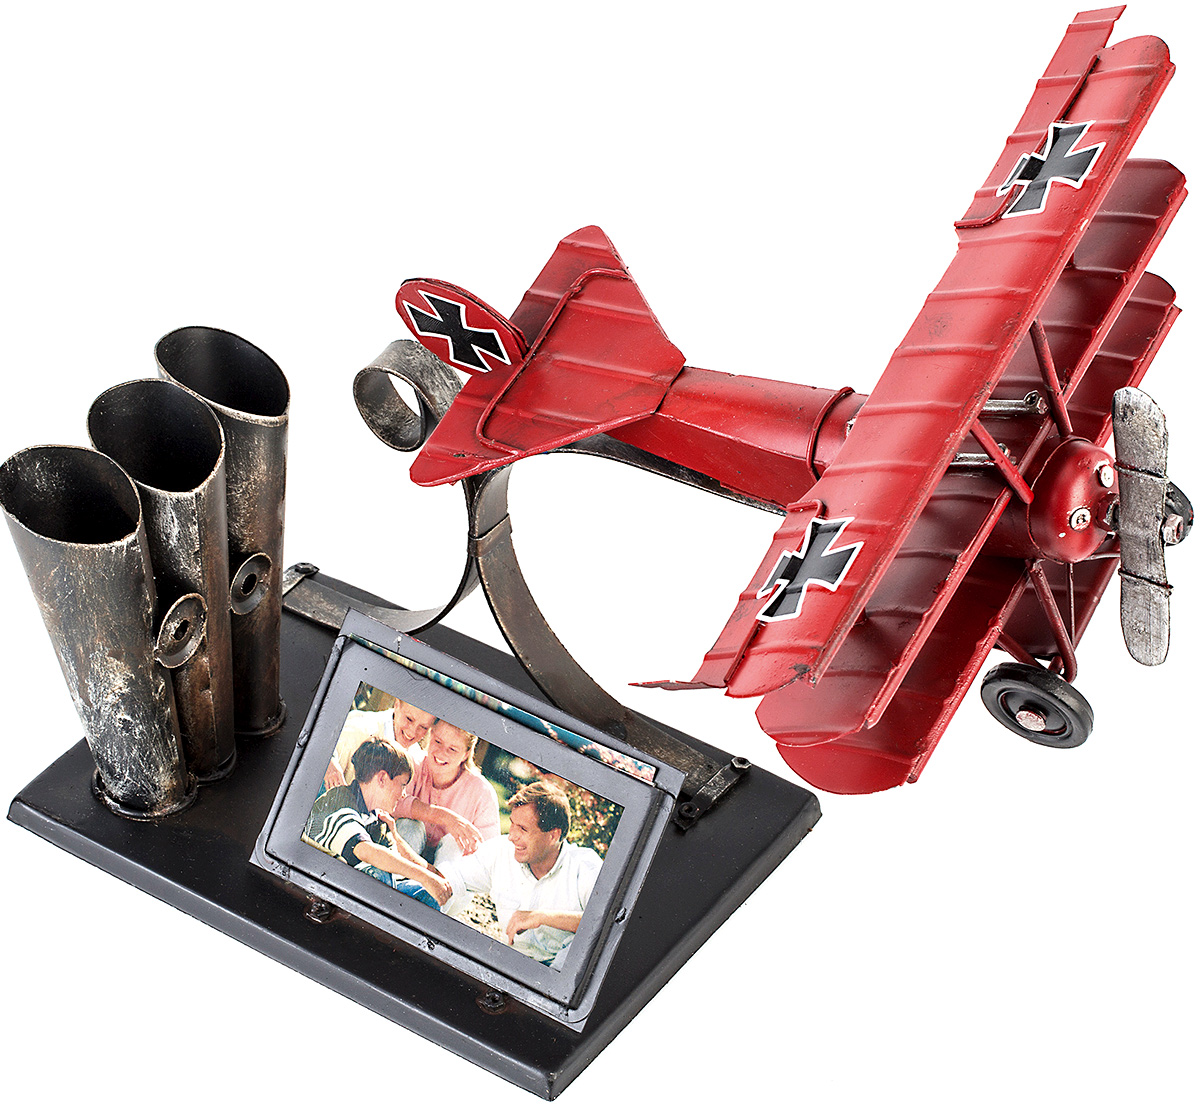 Фоторамка Platinum Самолет, с подставкой для ручек, 5 х 7 смТР 5138Фоторамка Platinum Самолет, выполненная из металла, оснащена подставкой для ручек и карандашей. Такая фоторамка поможет вам оригинально и стильно дополнить интерьер помещения, а также позволит сохранить память о дорогих вам людях и интересных событиях вашей жизни.Подходит для фотографии размером: 5 х 7 см.